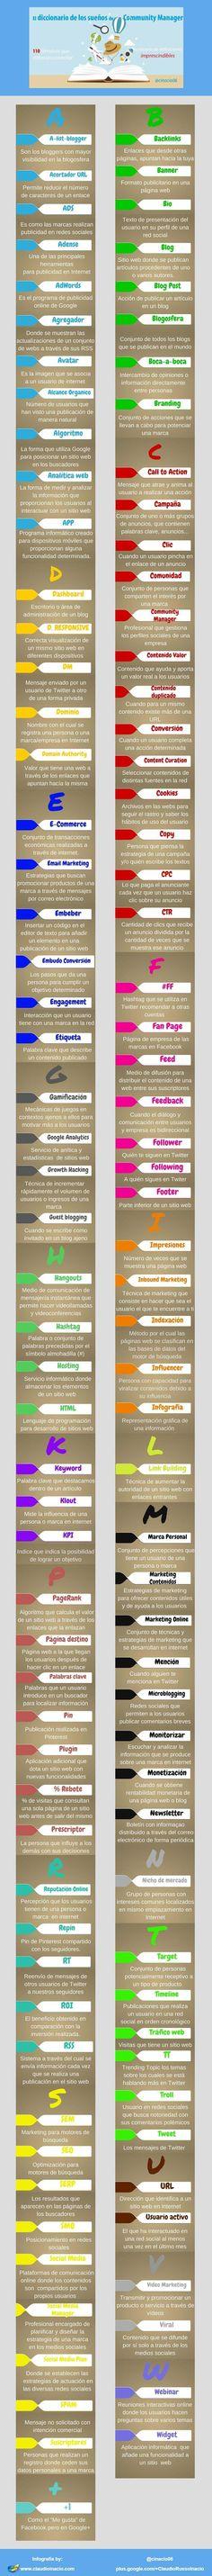 @Infografia Diccionario del Community Manager #CM via @cinacio06